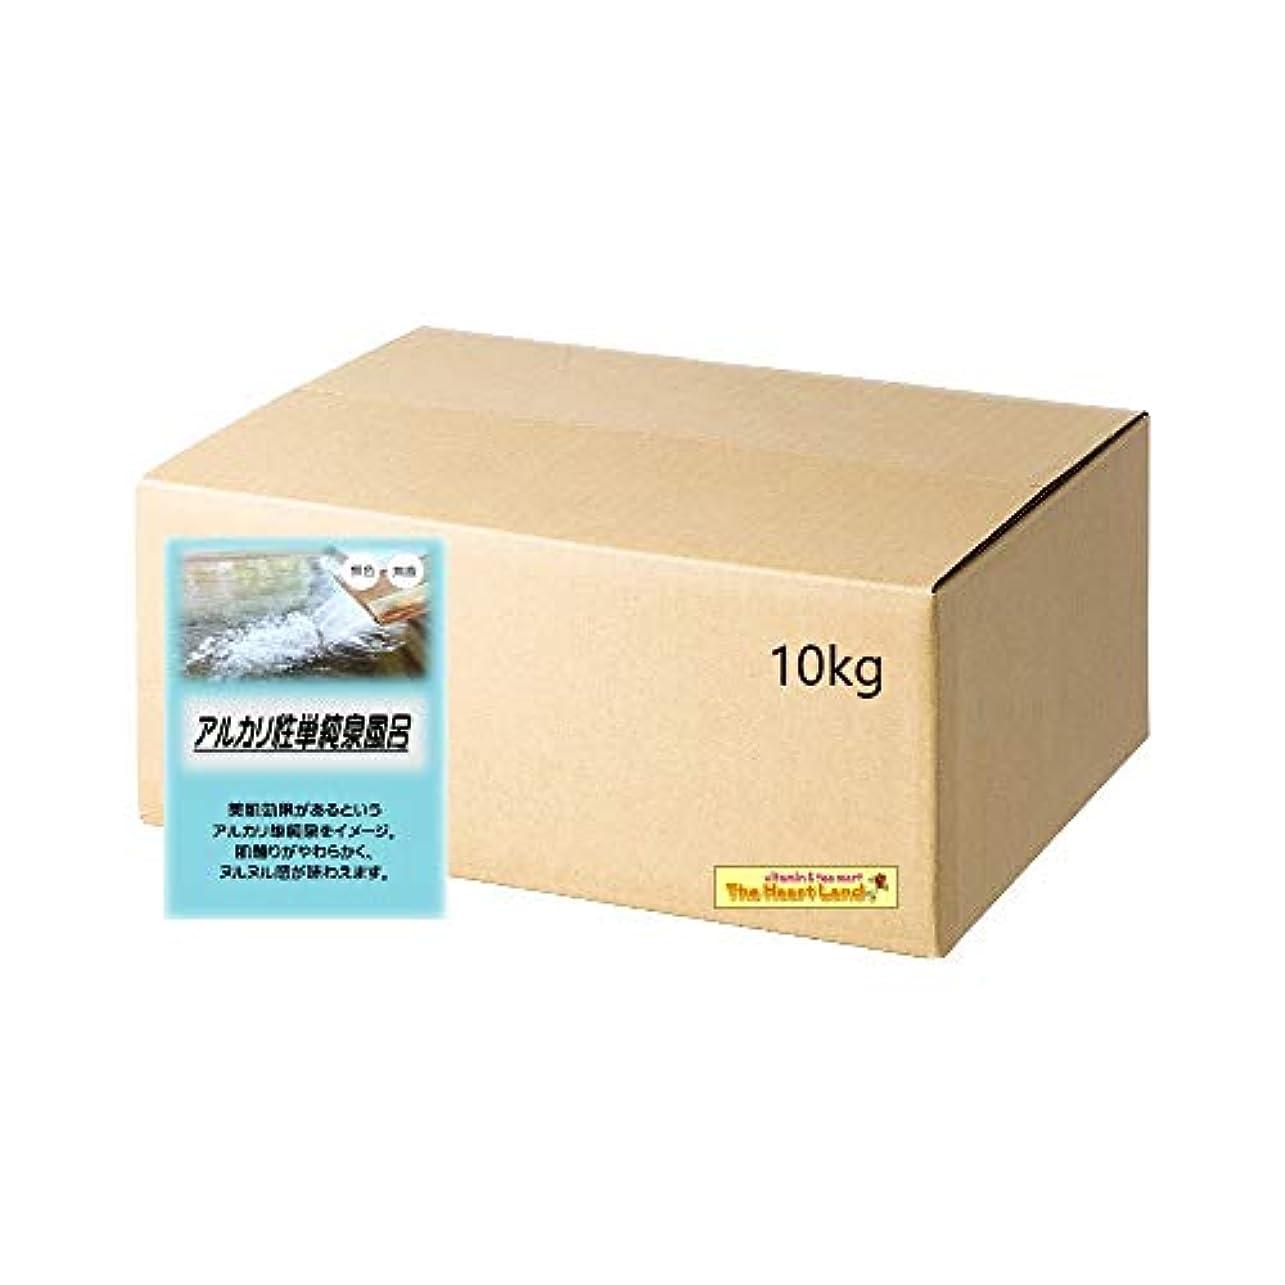 パケット毛皮フォークアサヒ入浴剤 浴用入浴化粧品 アルカリ性単純泉風呂 10kg